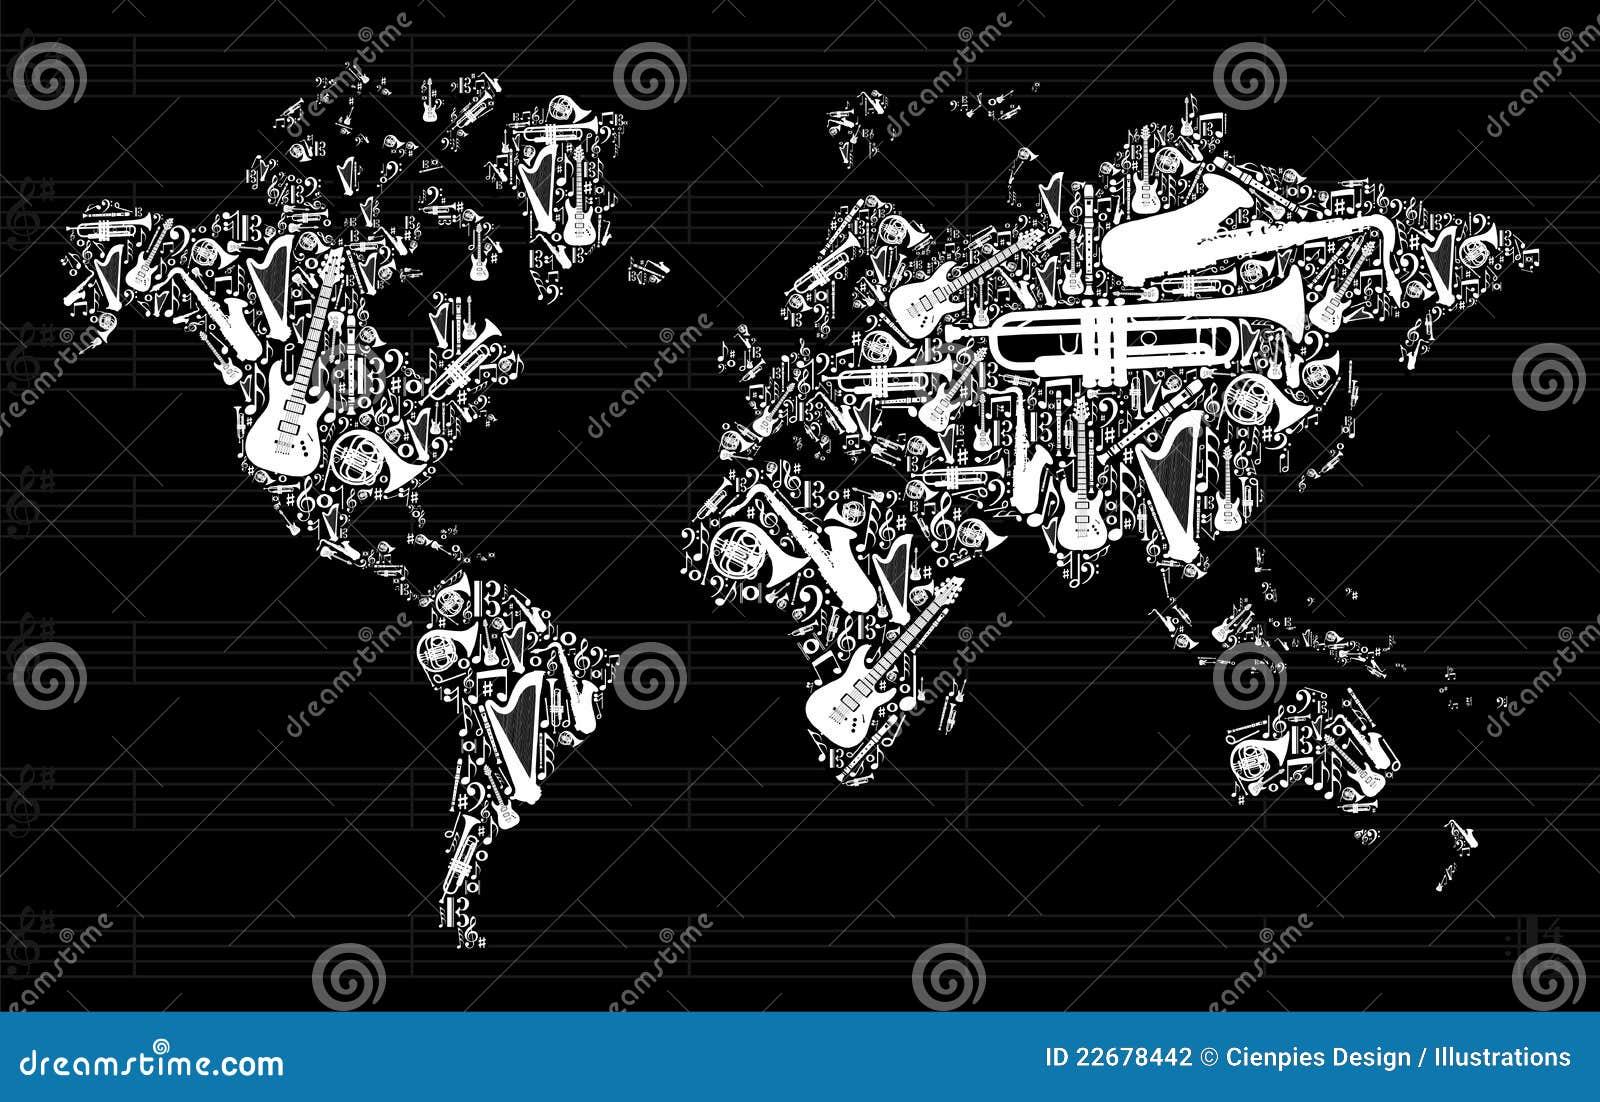 κόσμος μουσικής χαρτών